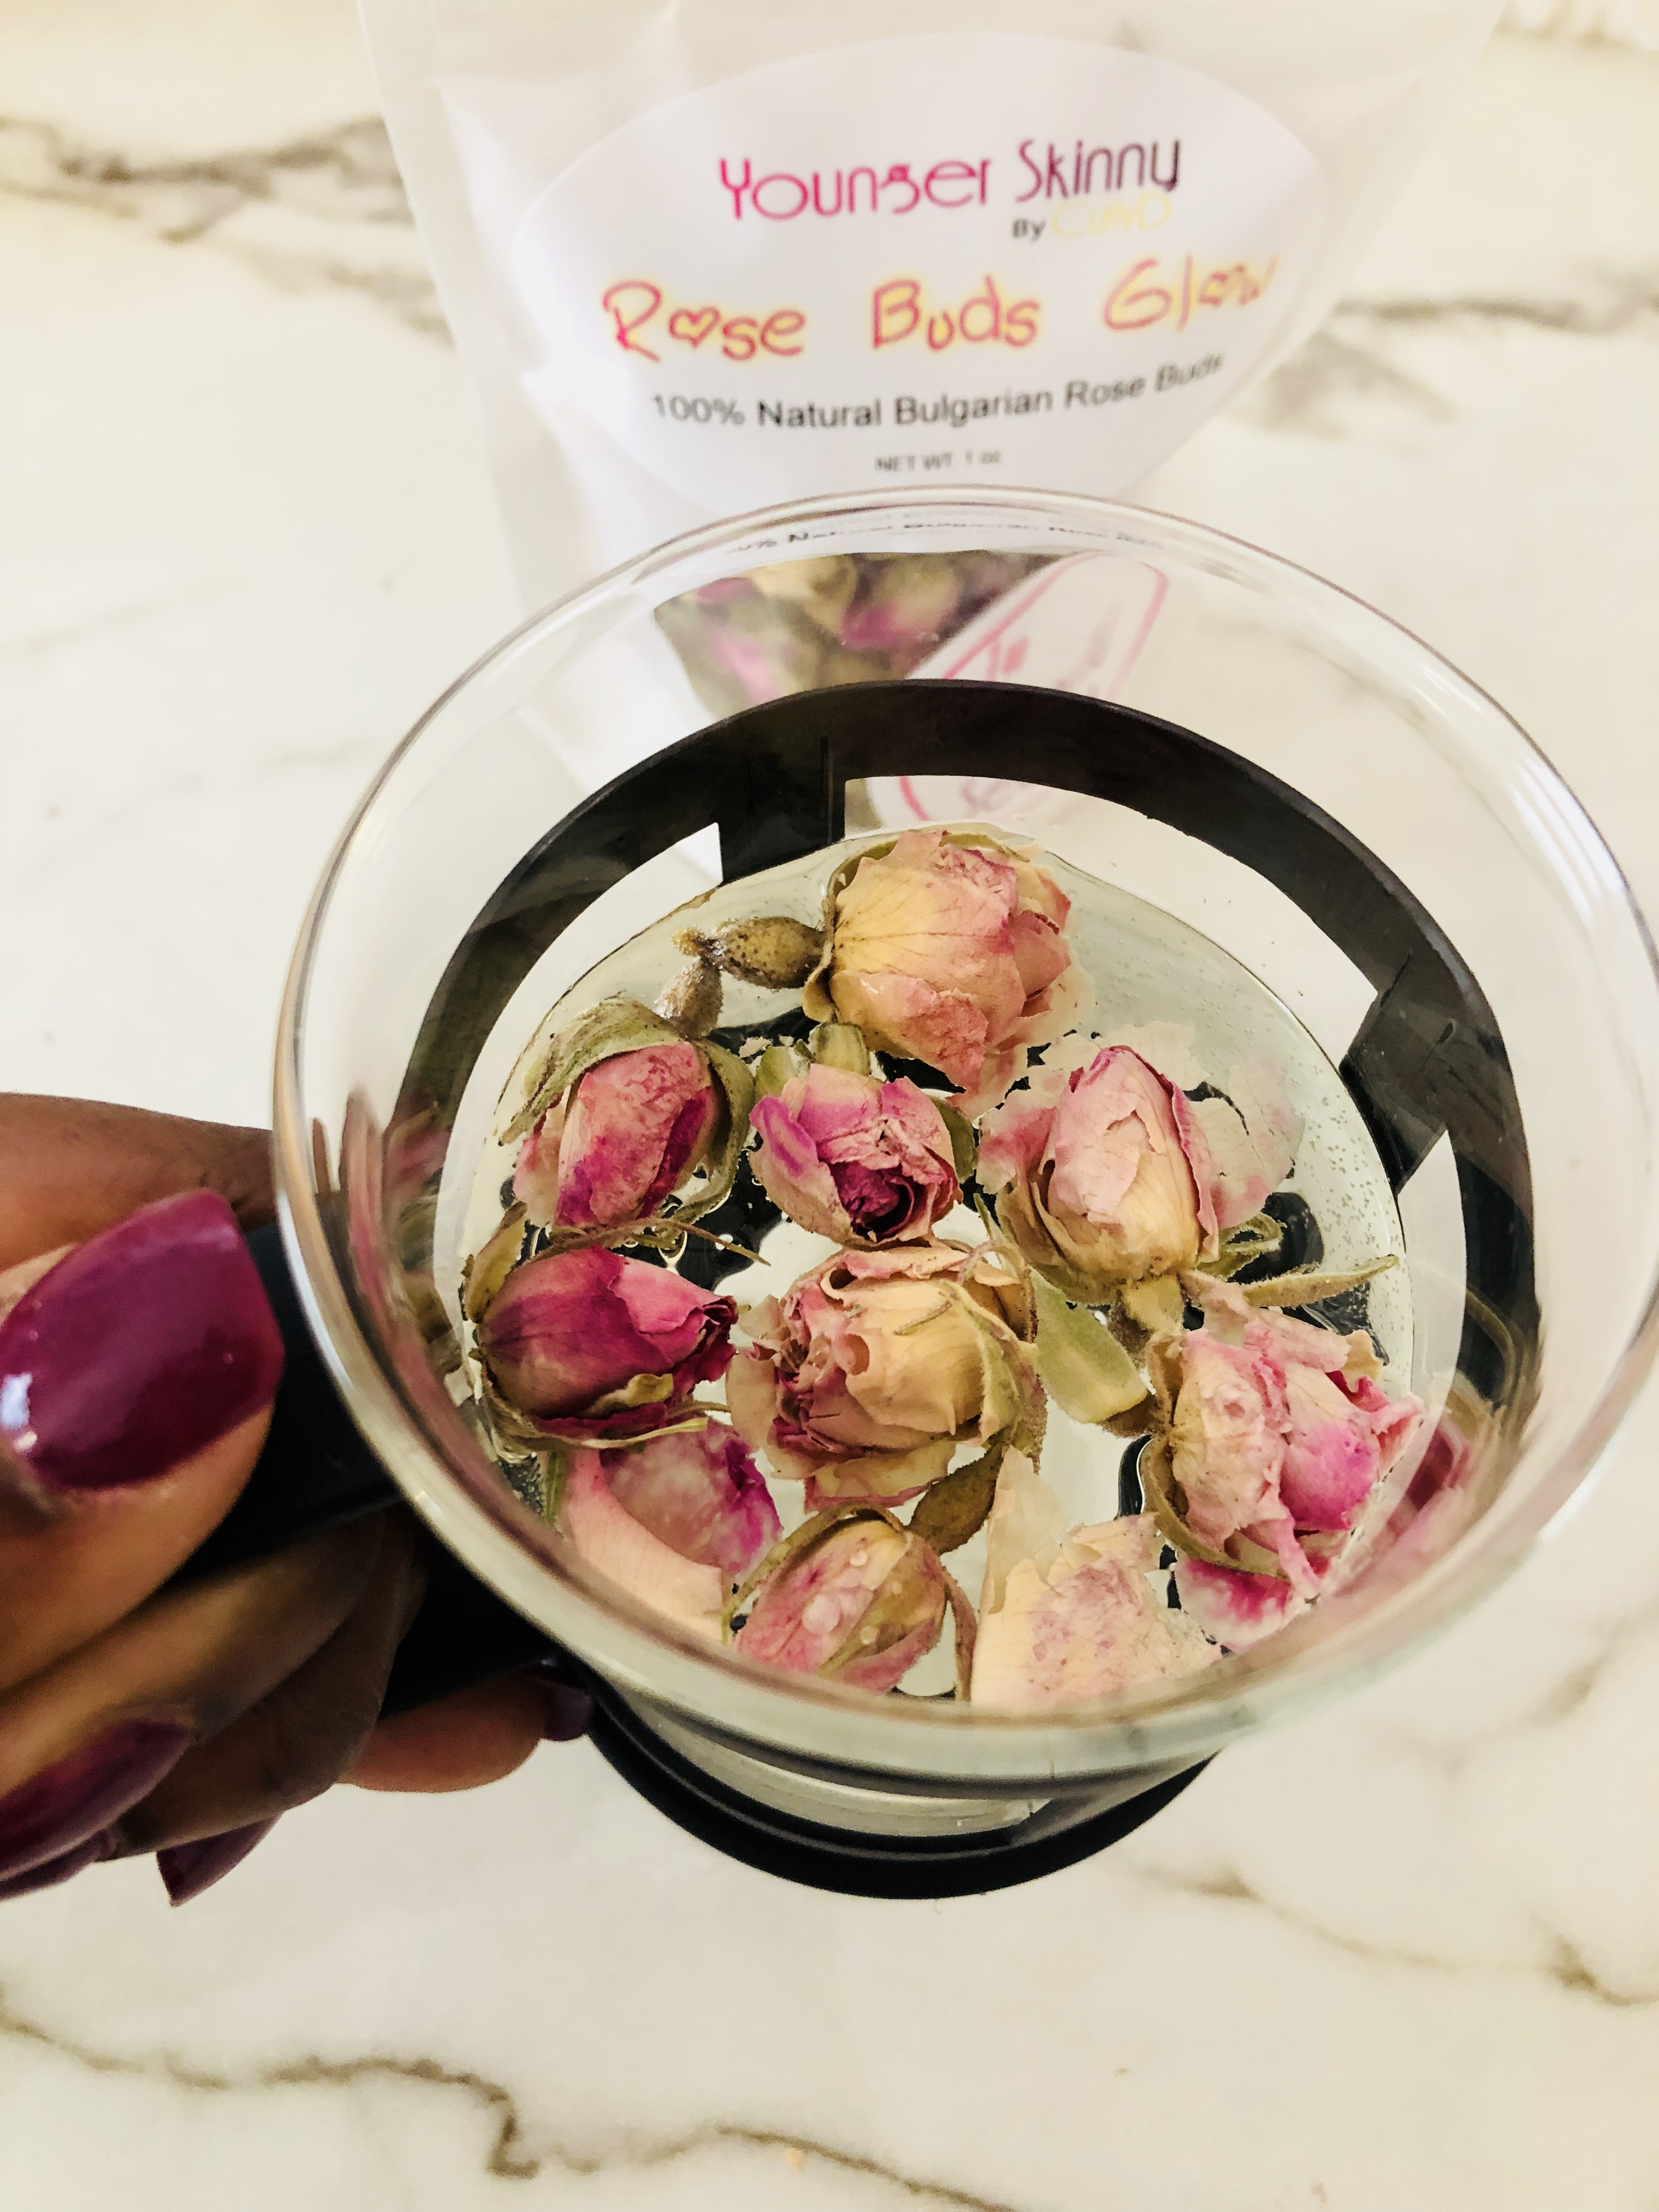 Rose Buds Glow 1 OZ